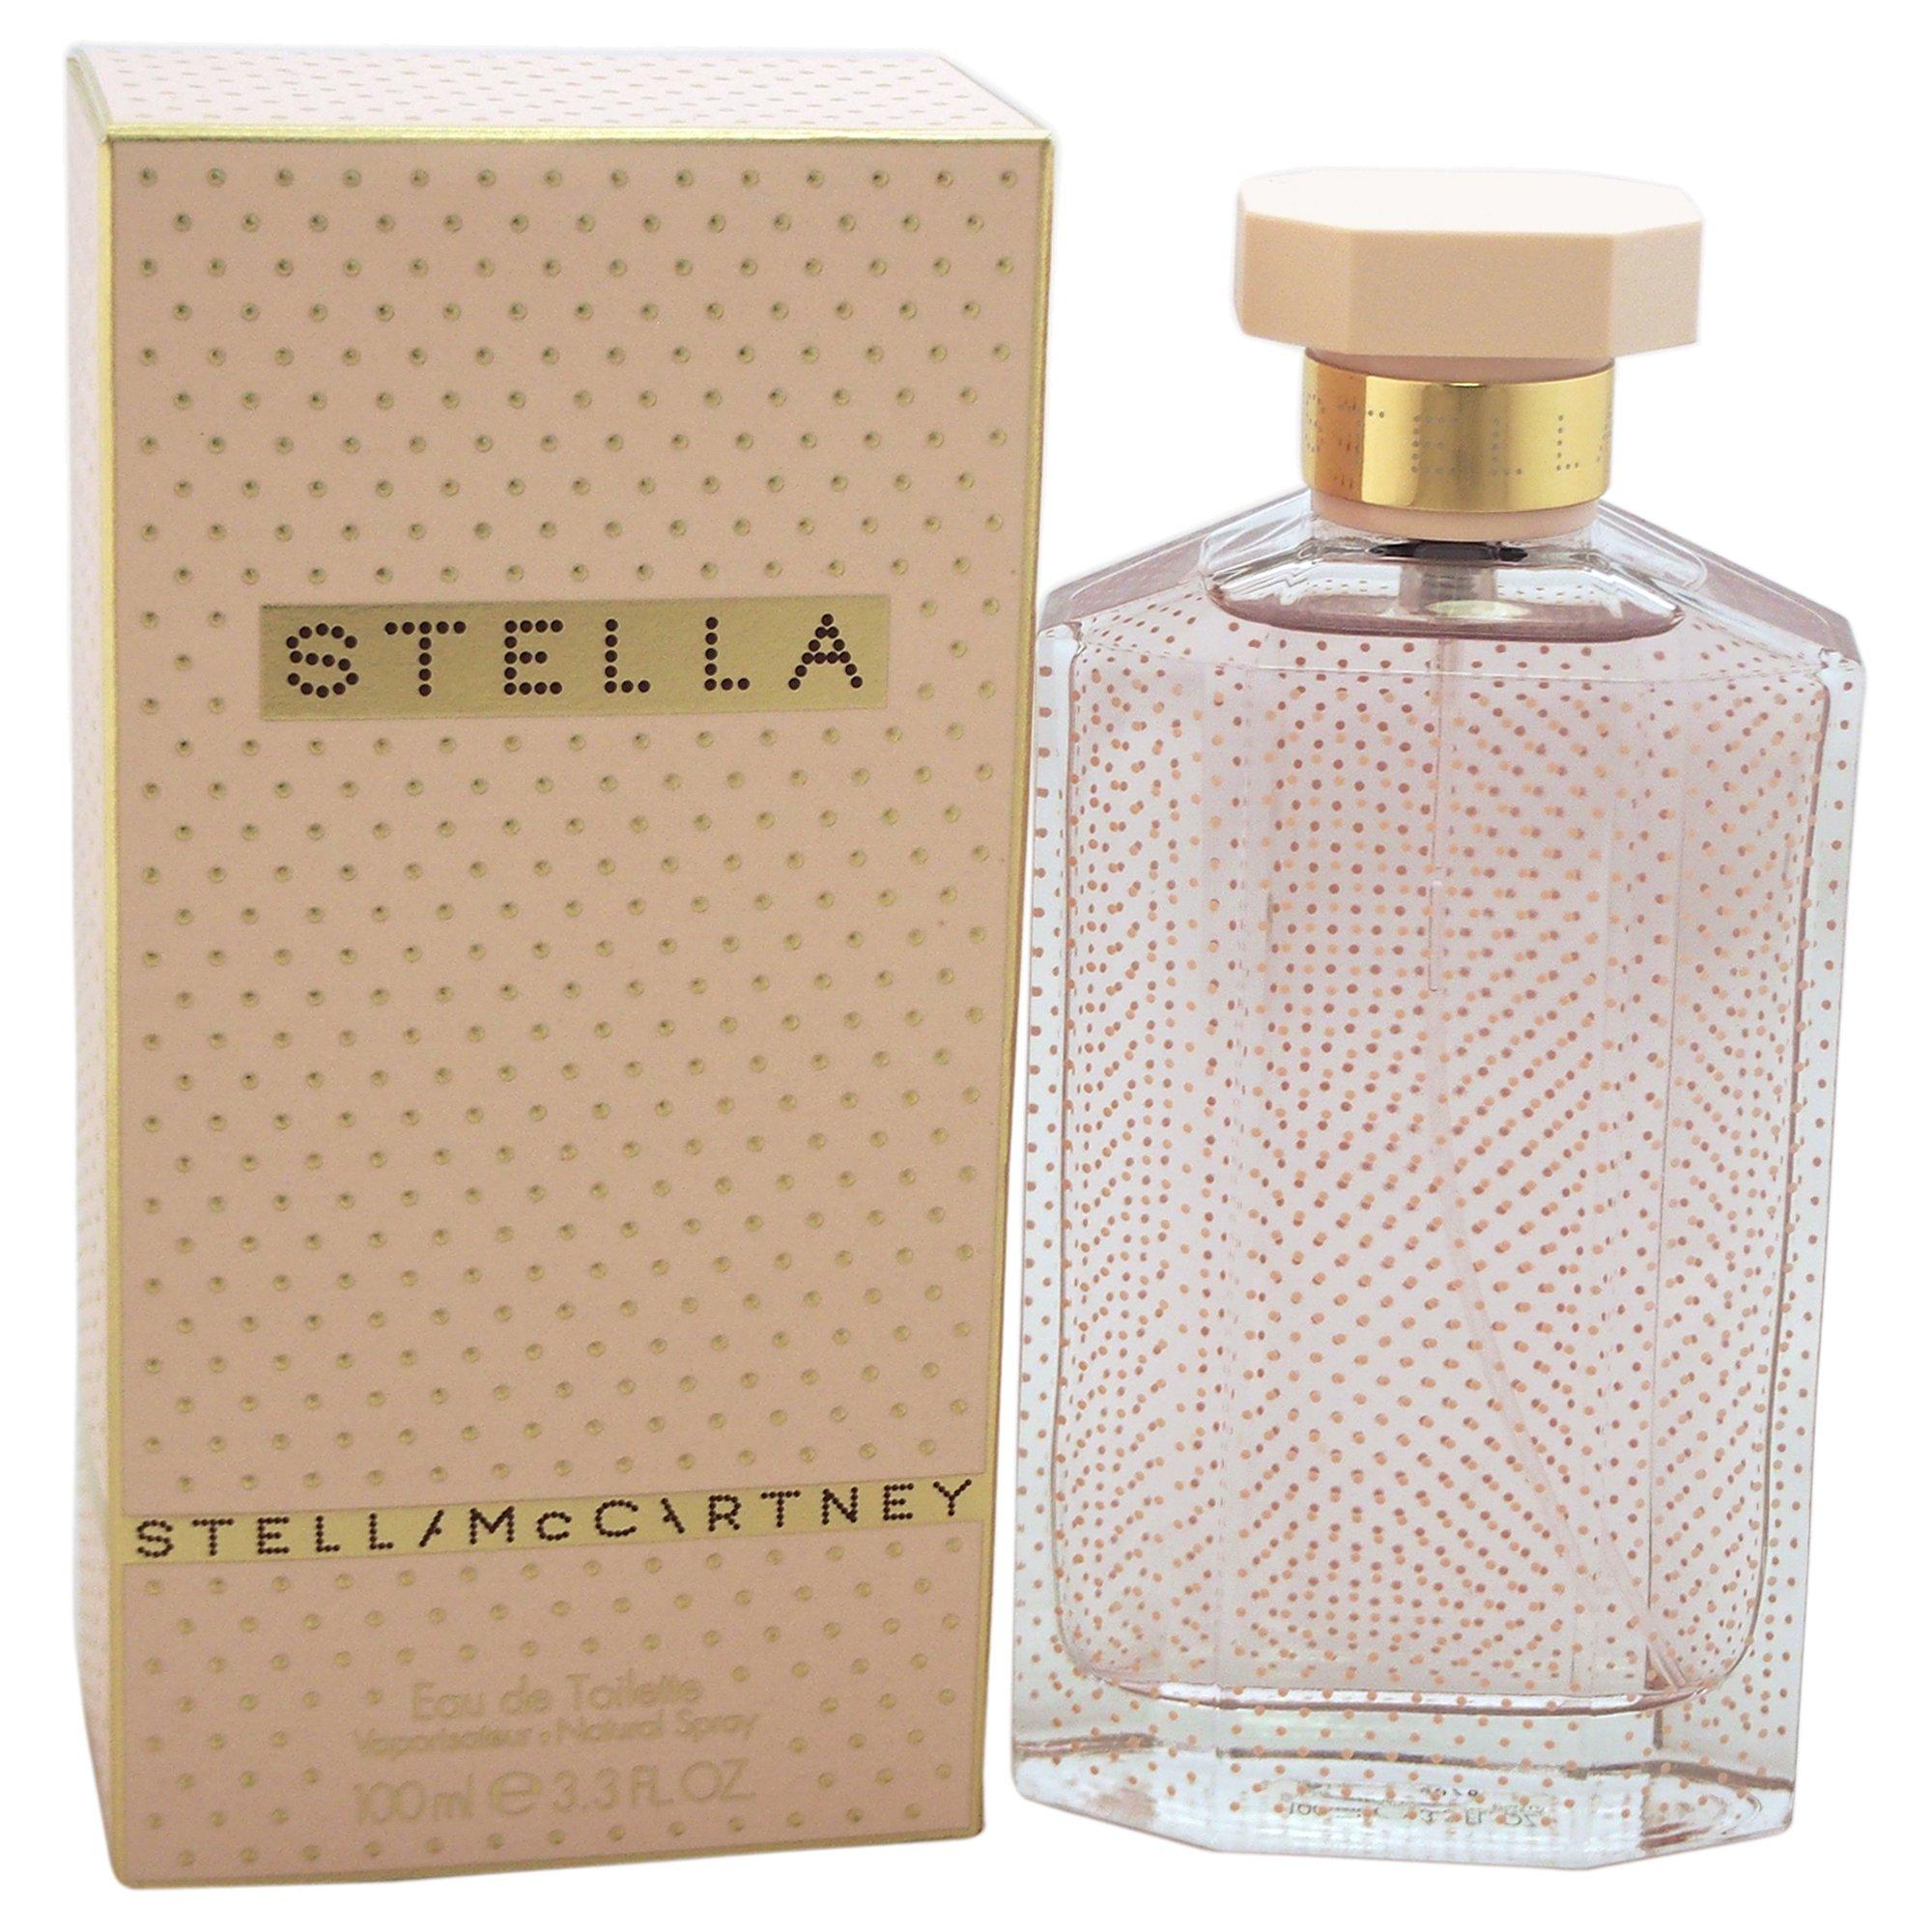 Stella McCartney Eau de Toilette Spray for Women, 100 ML